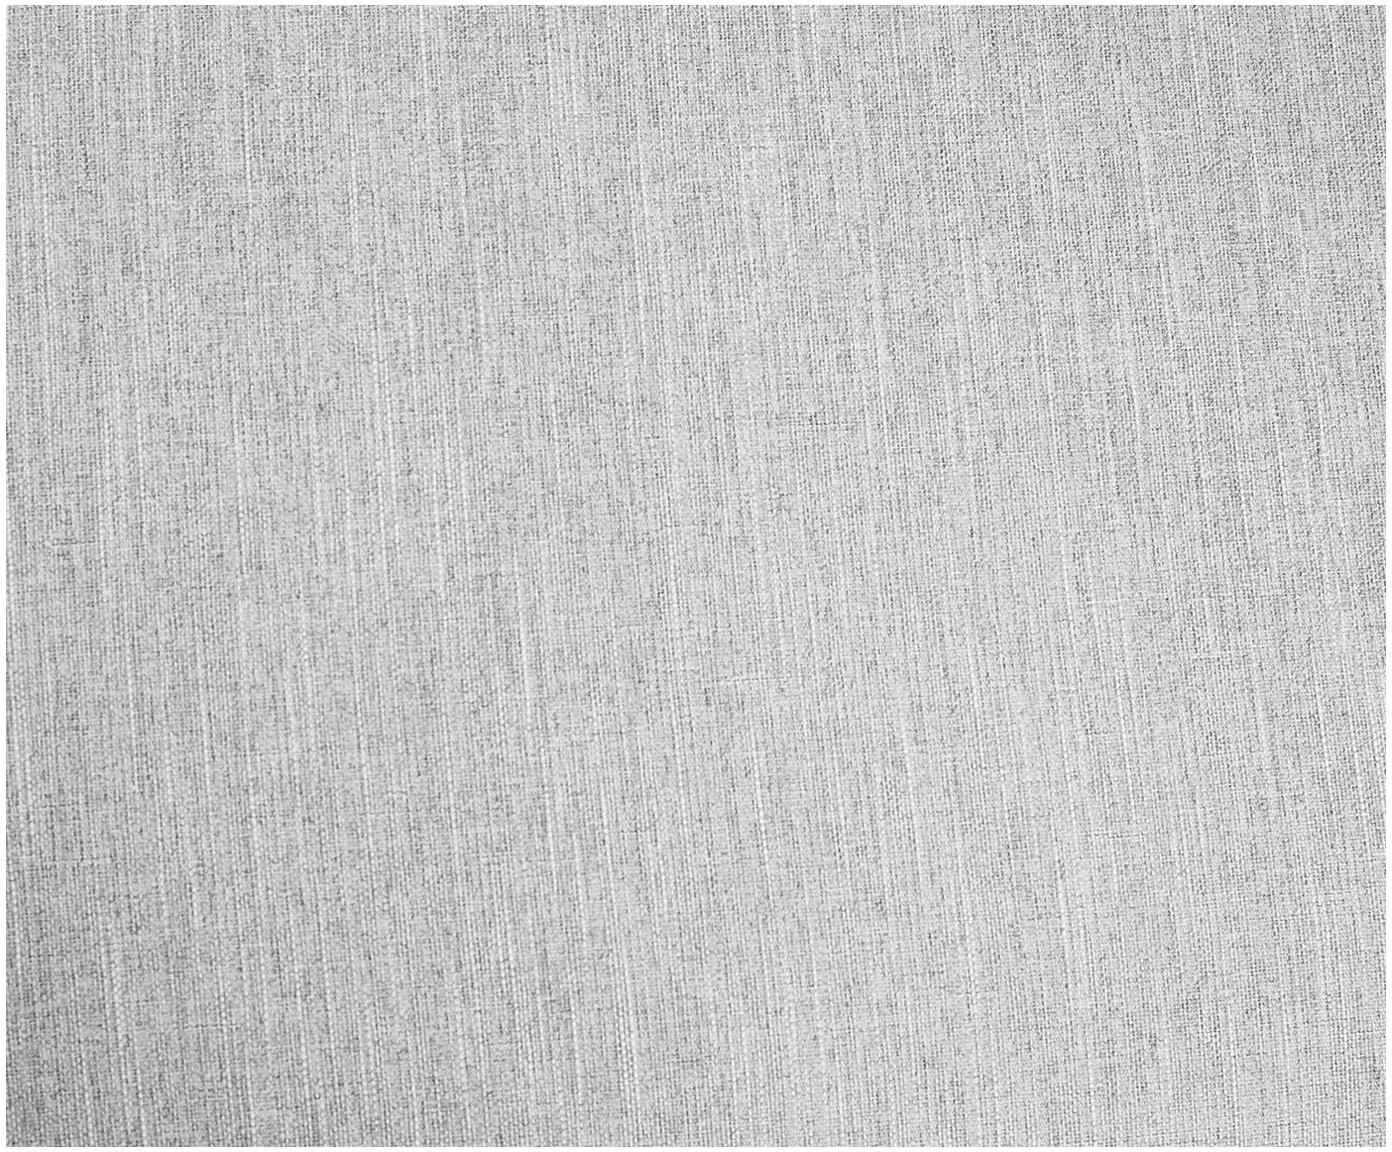 Divano 2 posti in tessuto grigio chiaro Melva, Rivestimento: poliestere 35.000 cicli d, Struttura: legno di pino massiccio, , Piedini: legno di pino, Tessuto grigio chiaro, Larg. 200 x Prof. 101 cm